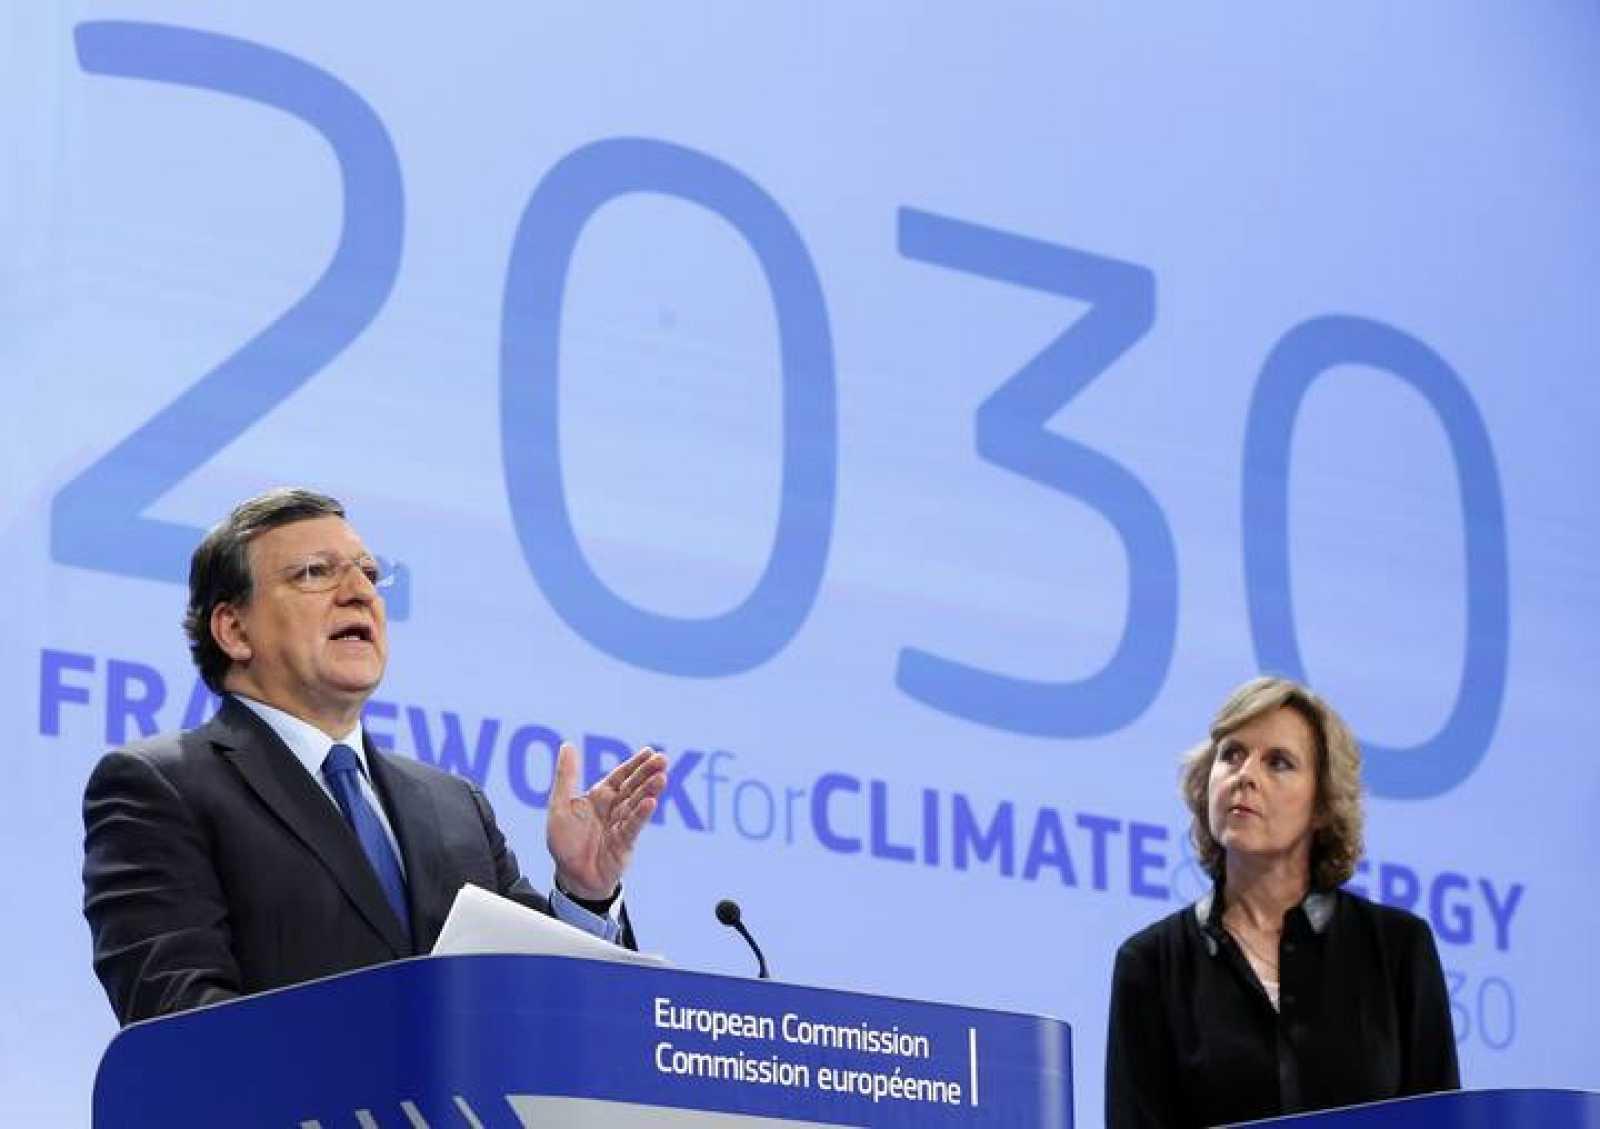 El presidente de la Comisión Europea, Jose Manuel Barroso y la comisaria europea de Acción por el Clima, Connie Hedegaard.